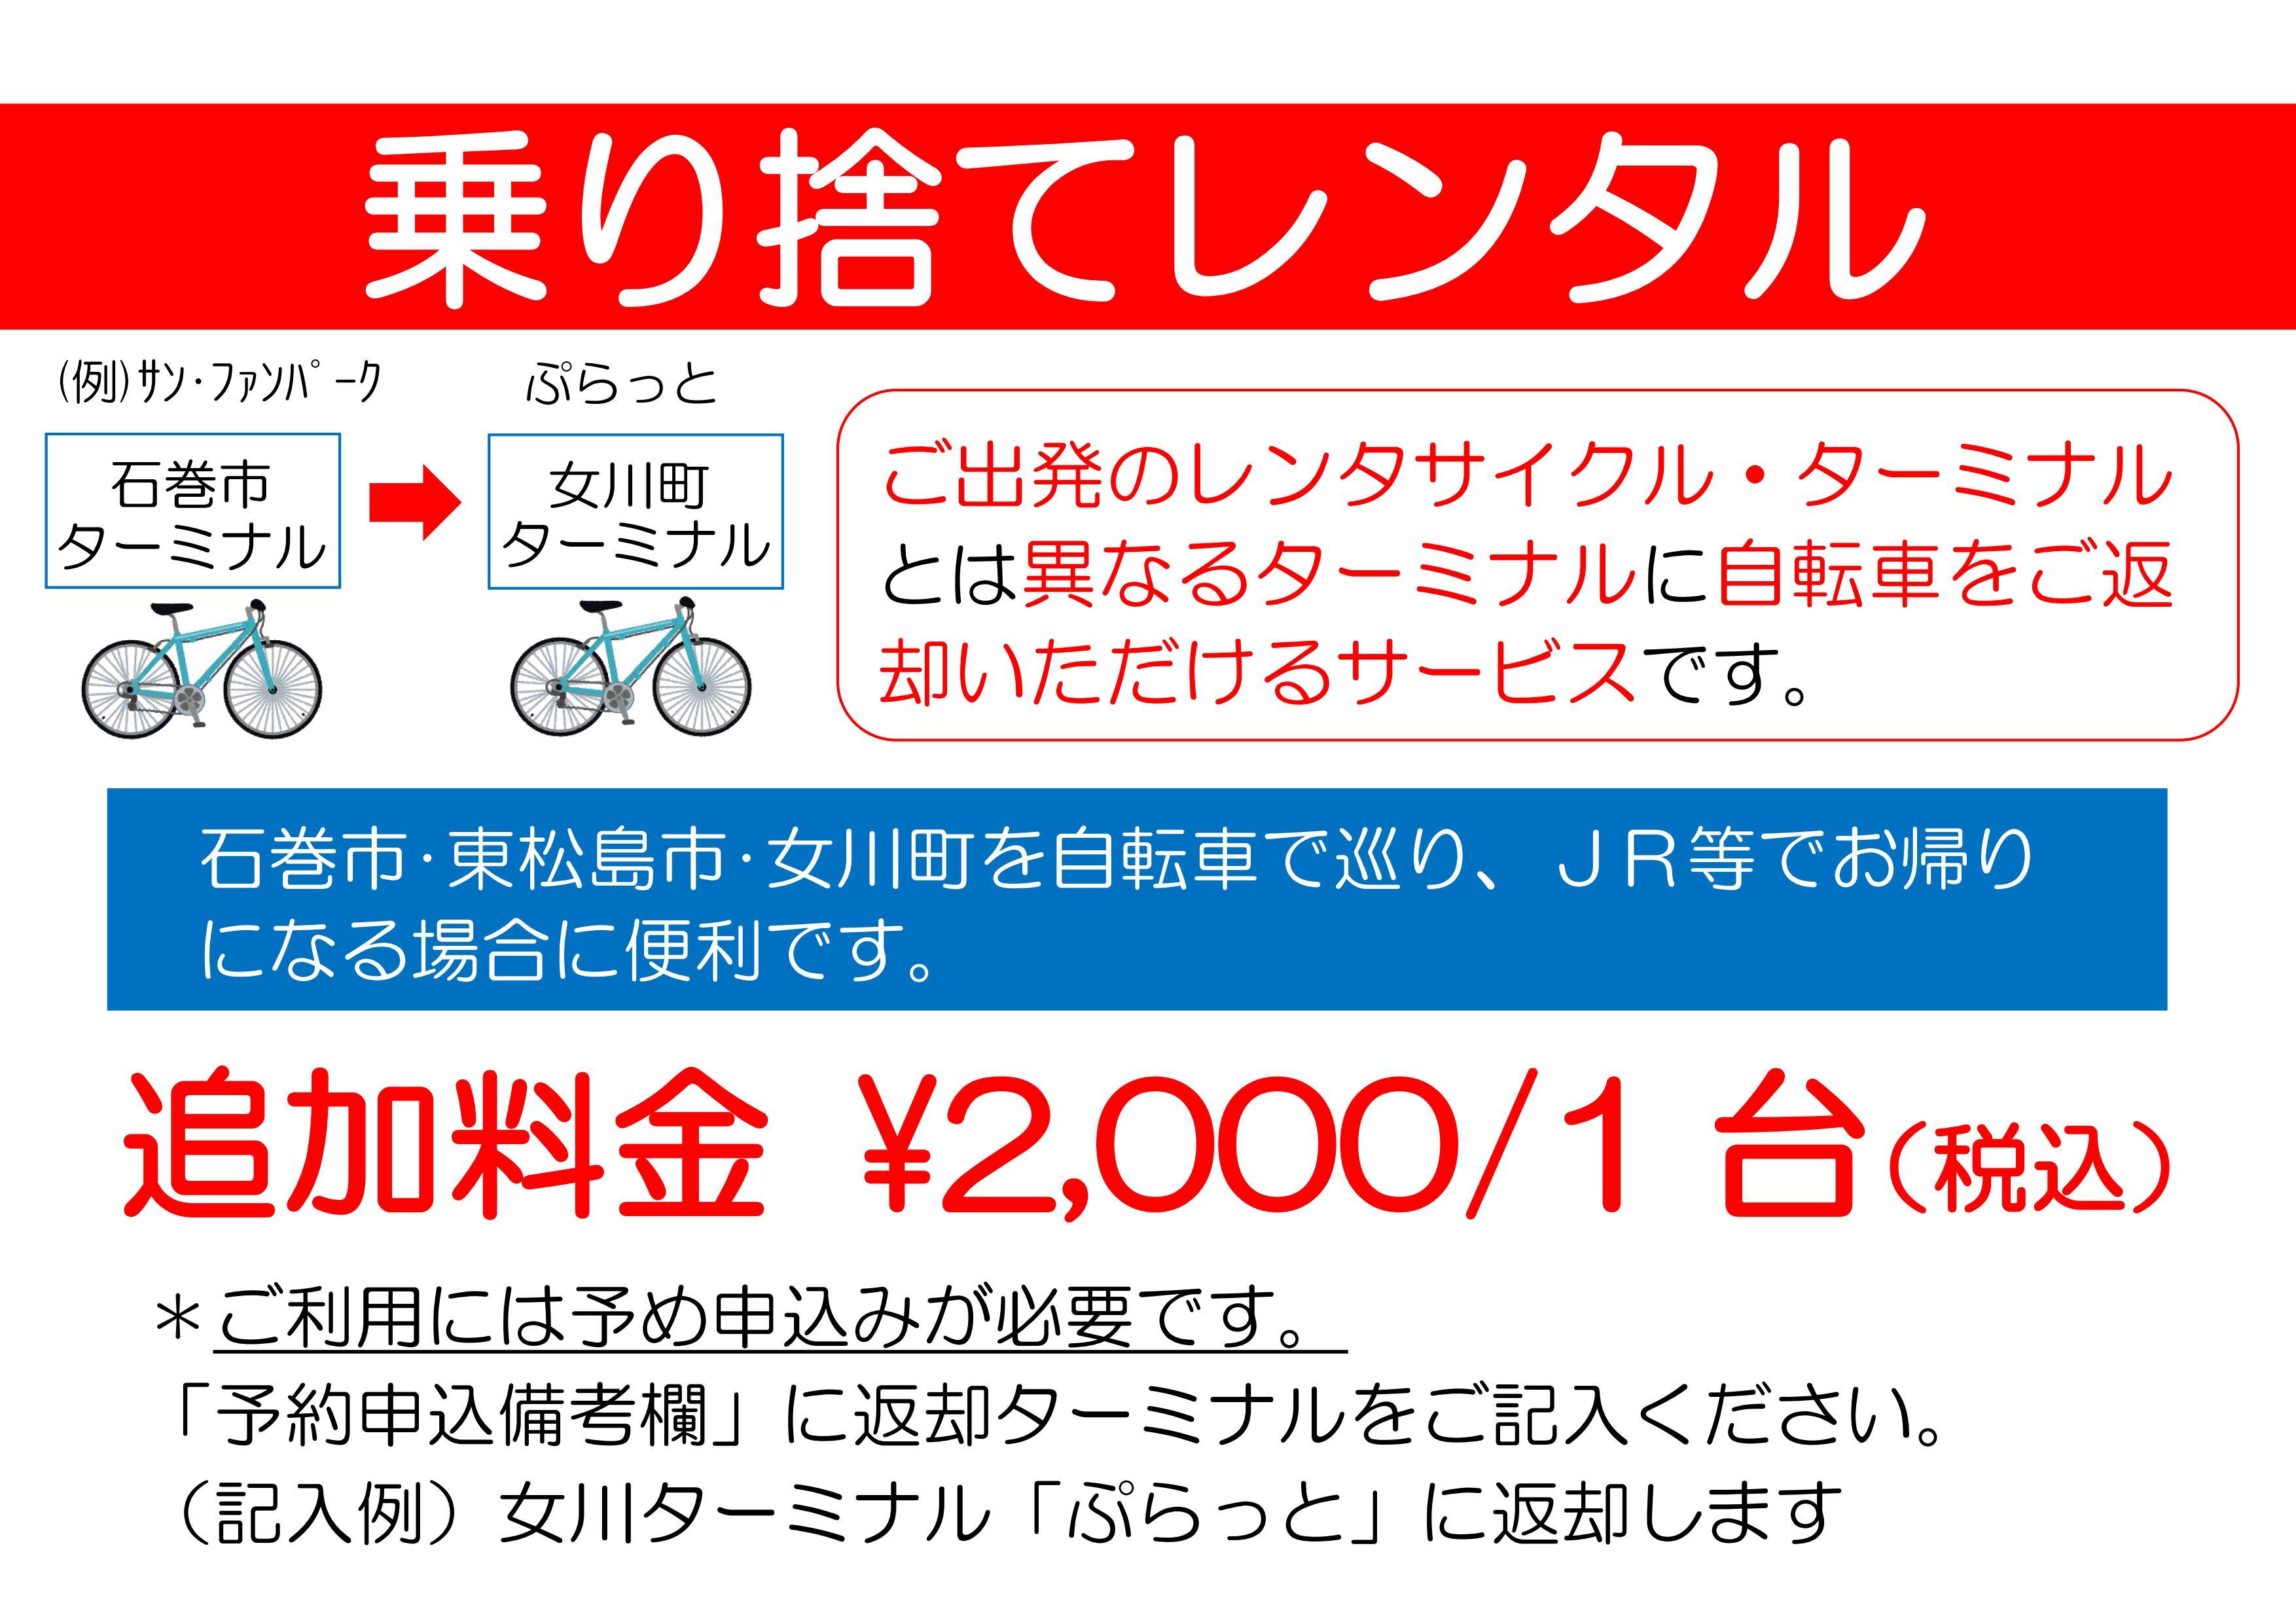 【石巻市】サン・ファンパーク レンタサイクル申込フォーム